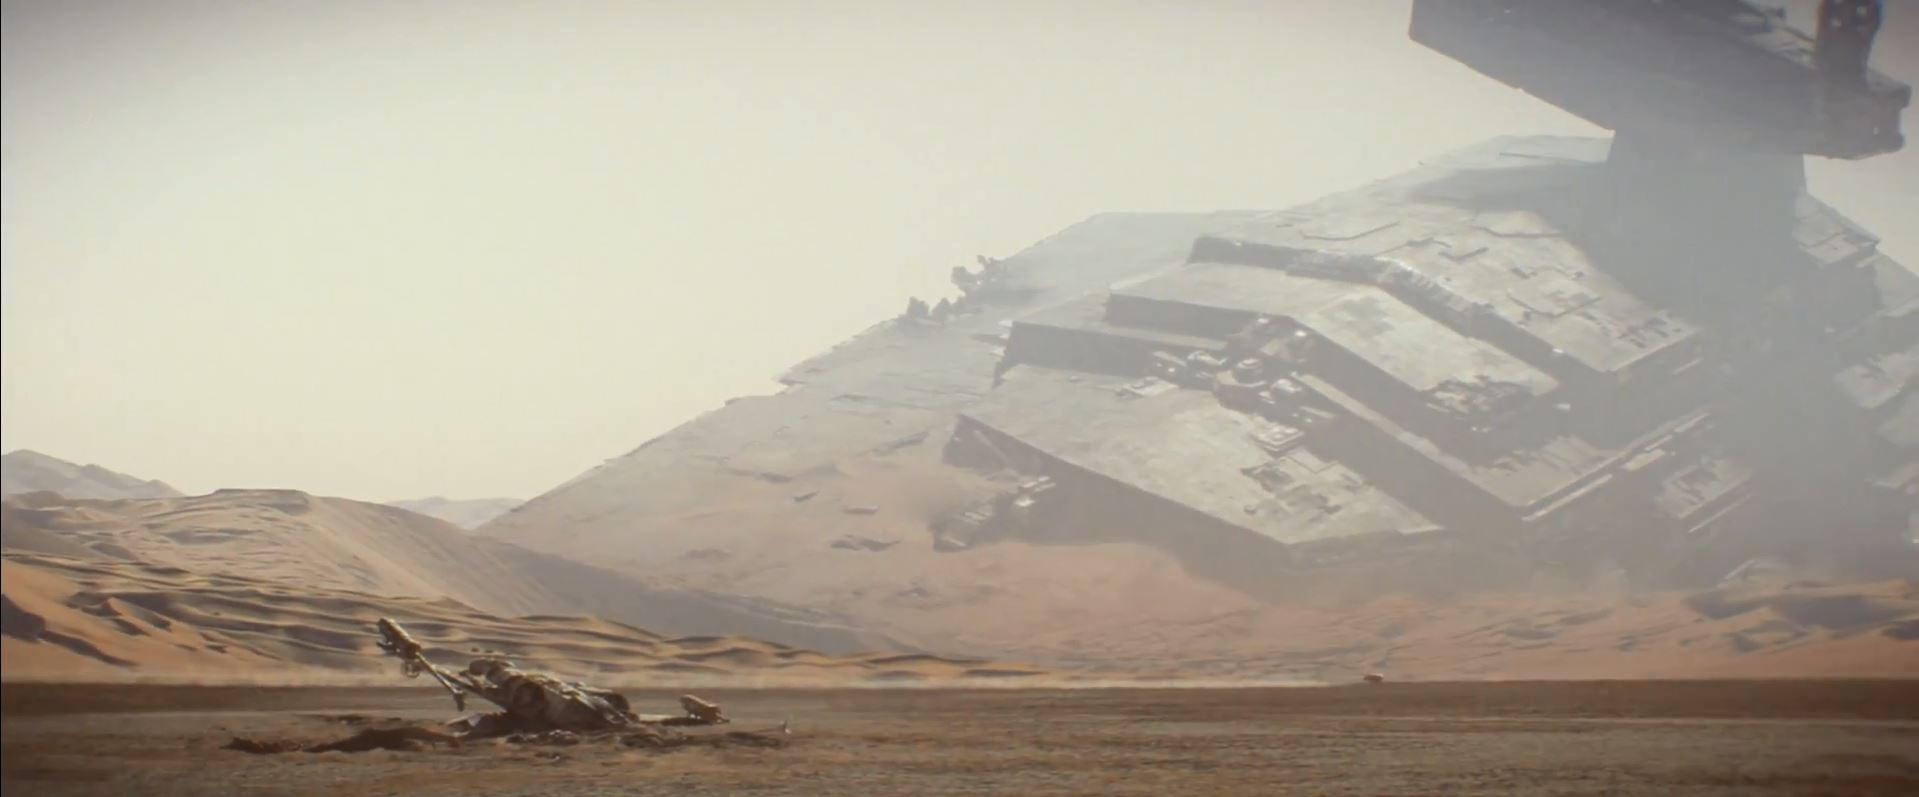 Crashed Star Destroyer on Tatooine